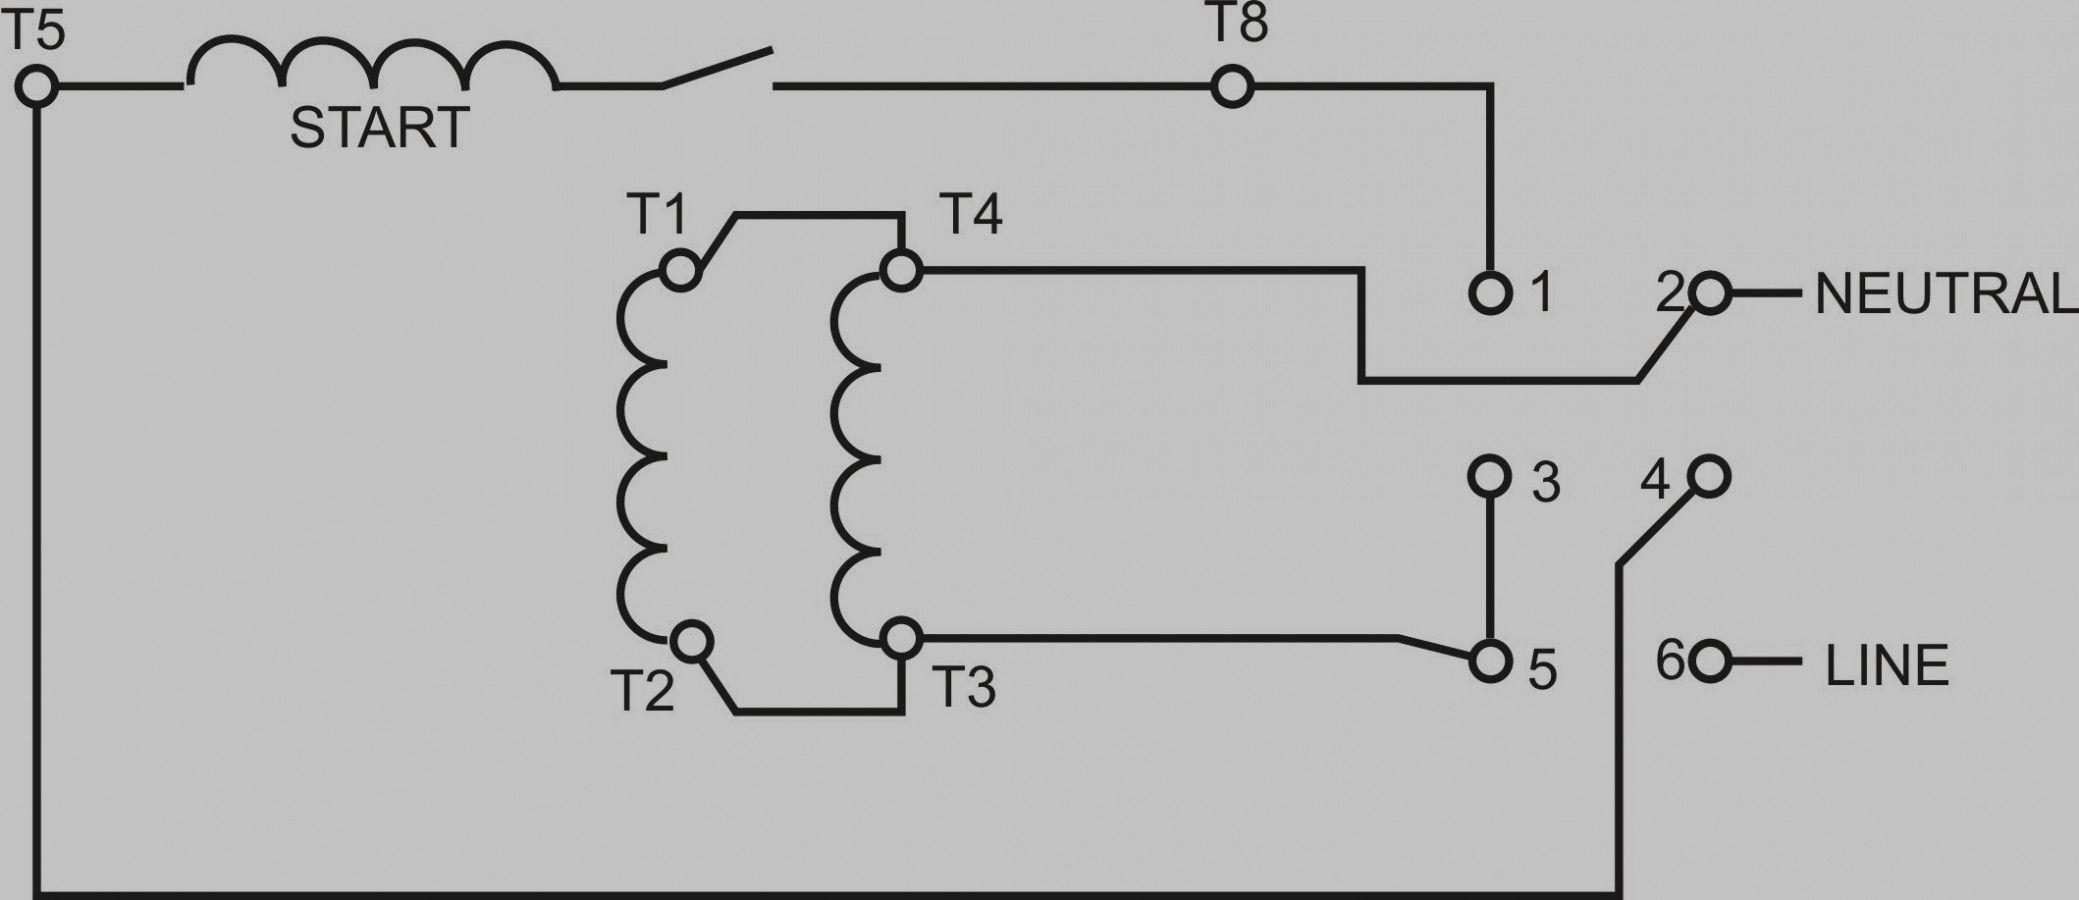 3 Phase Motor Wiring Diagram 9 Leads Ko9l [ 900 x 2079 Pixel ]